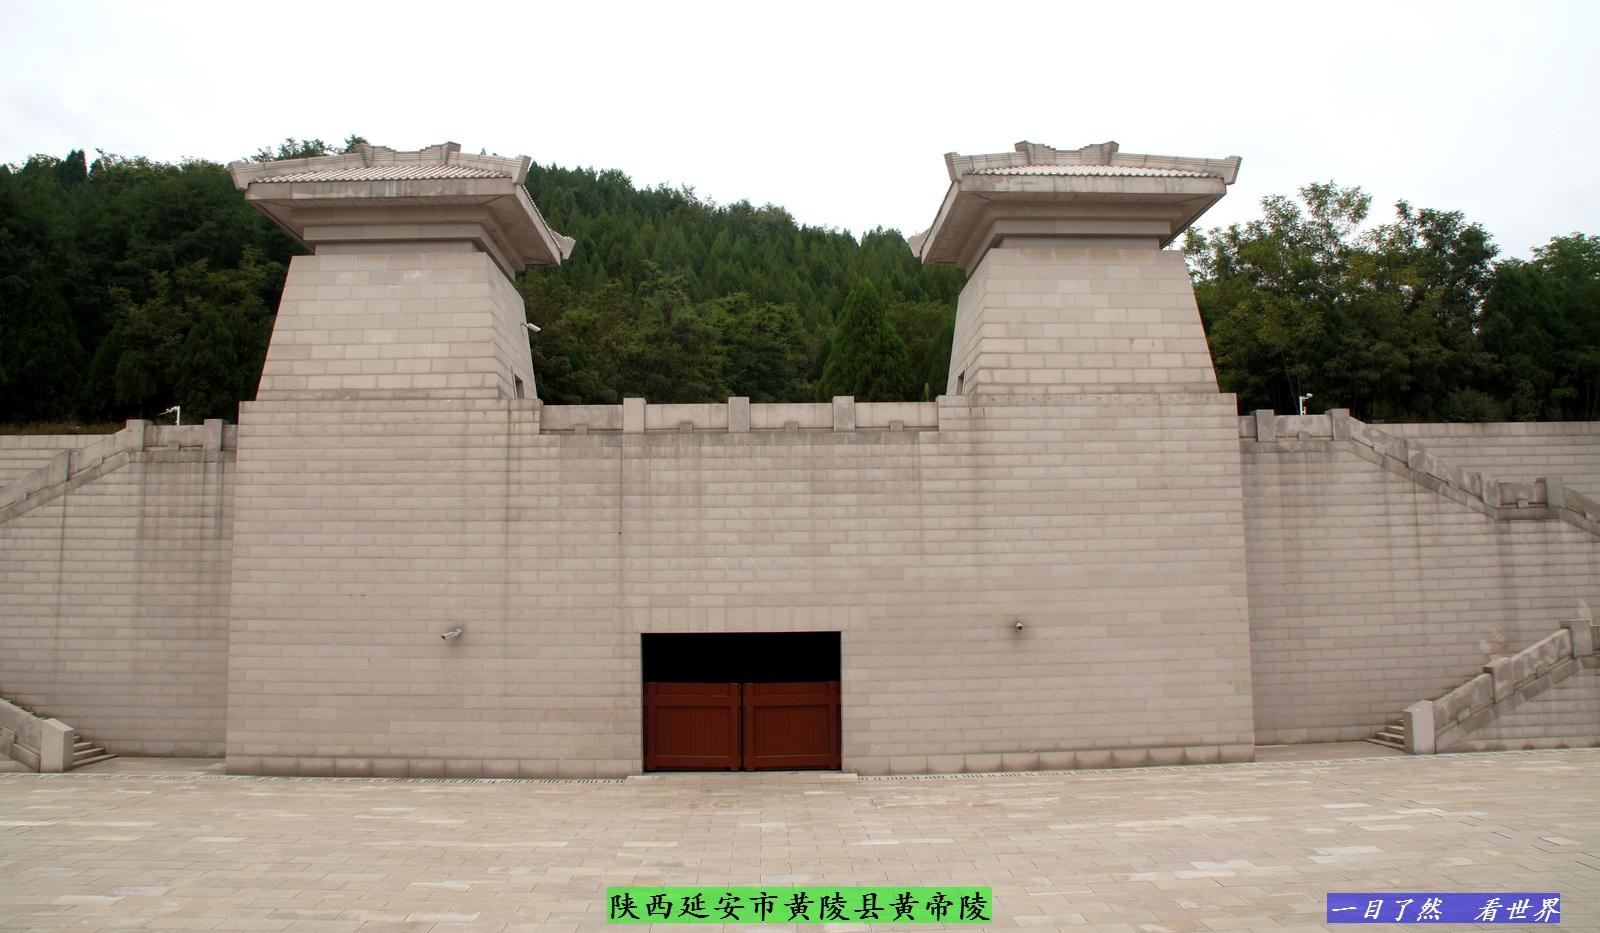 黄帝陵景区--57-1600.jpg